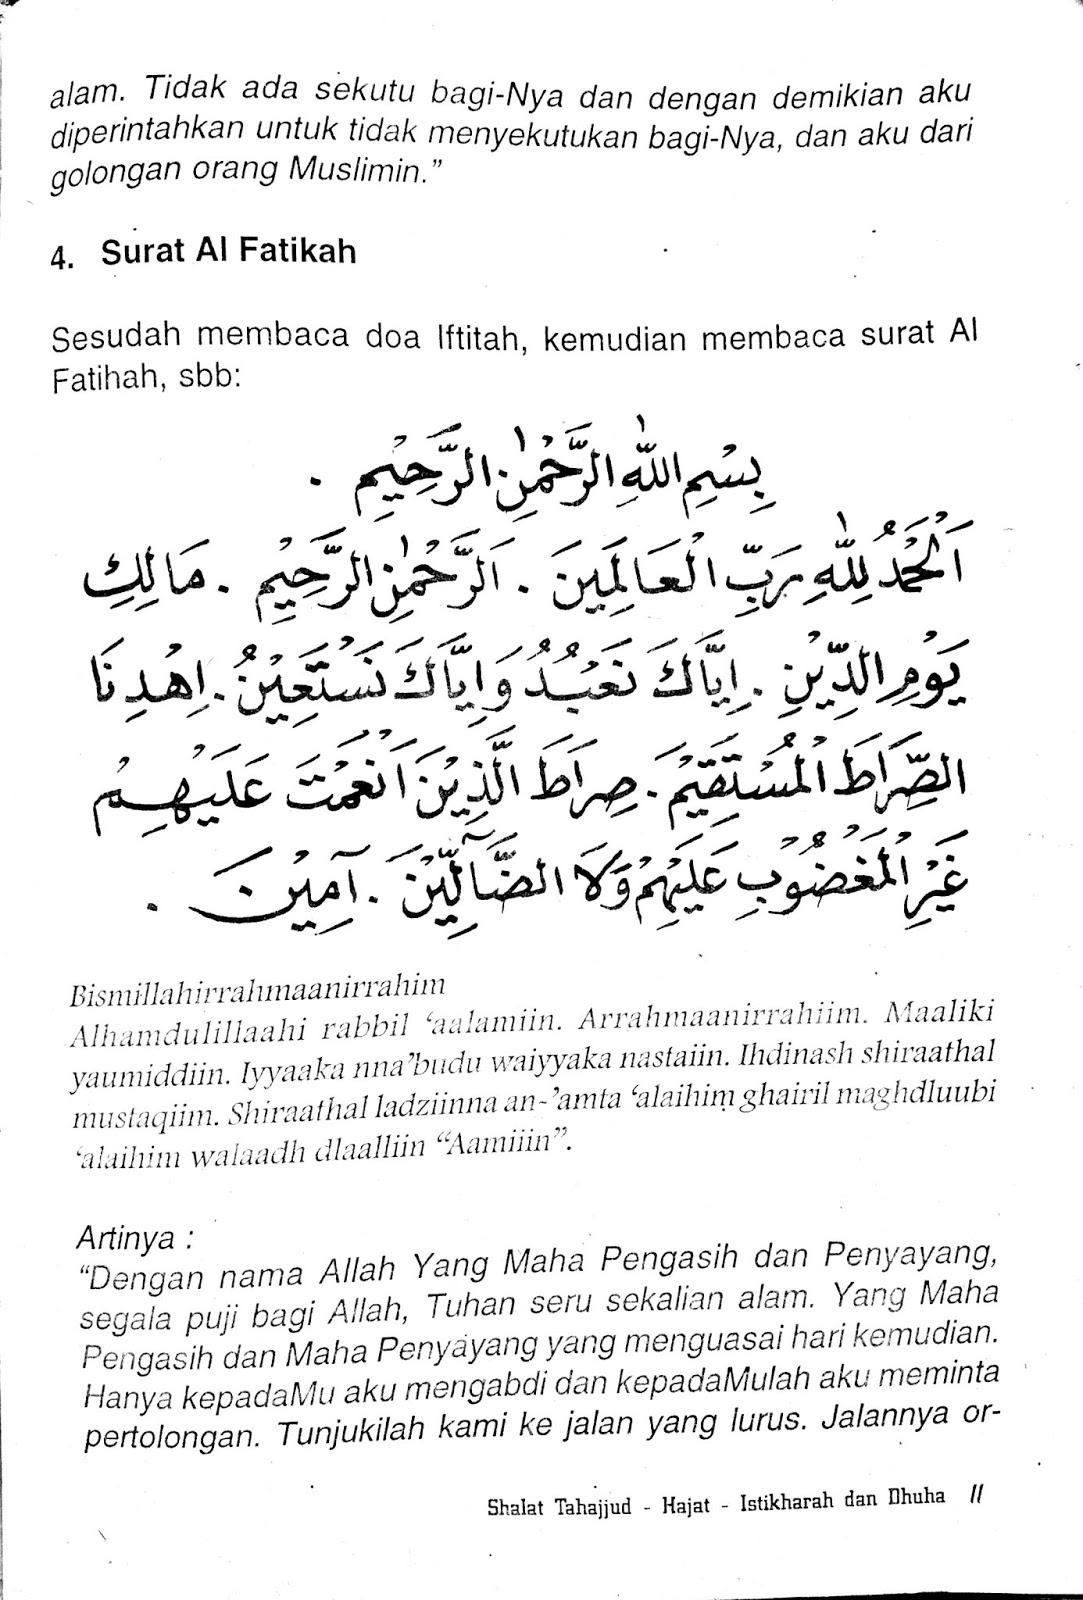 Tata Cara Shalat Tahajud Dan Bacaannya, Lengkap Dengan ...